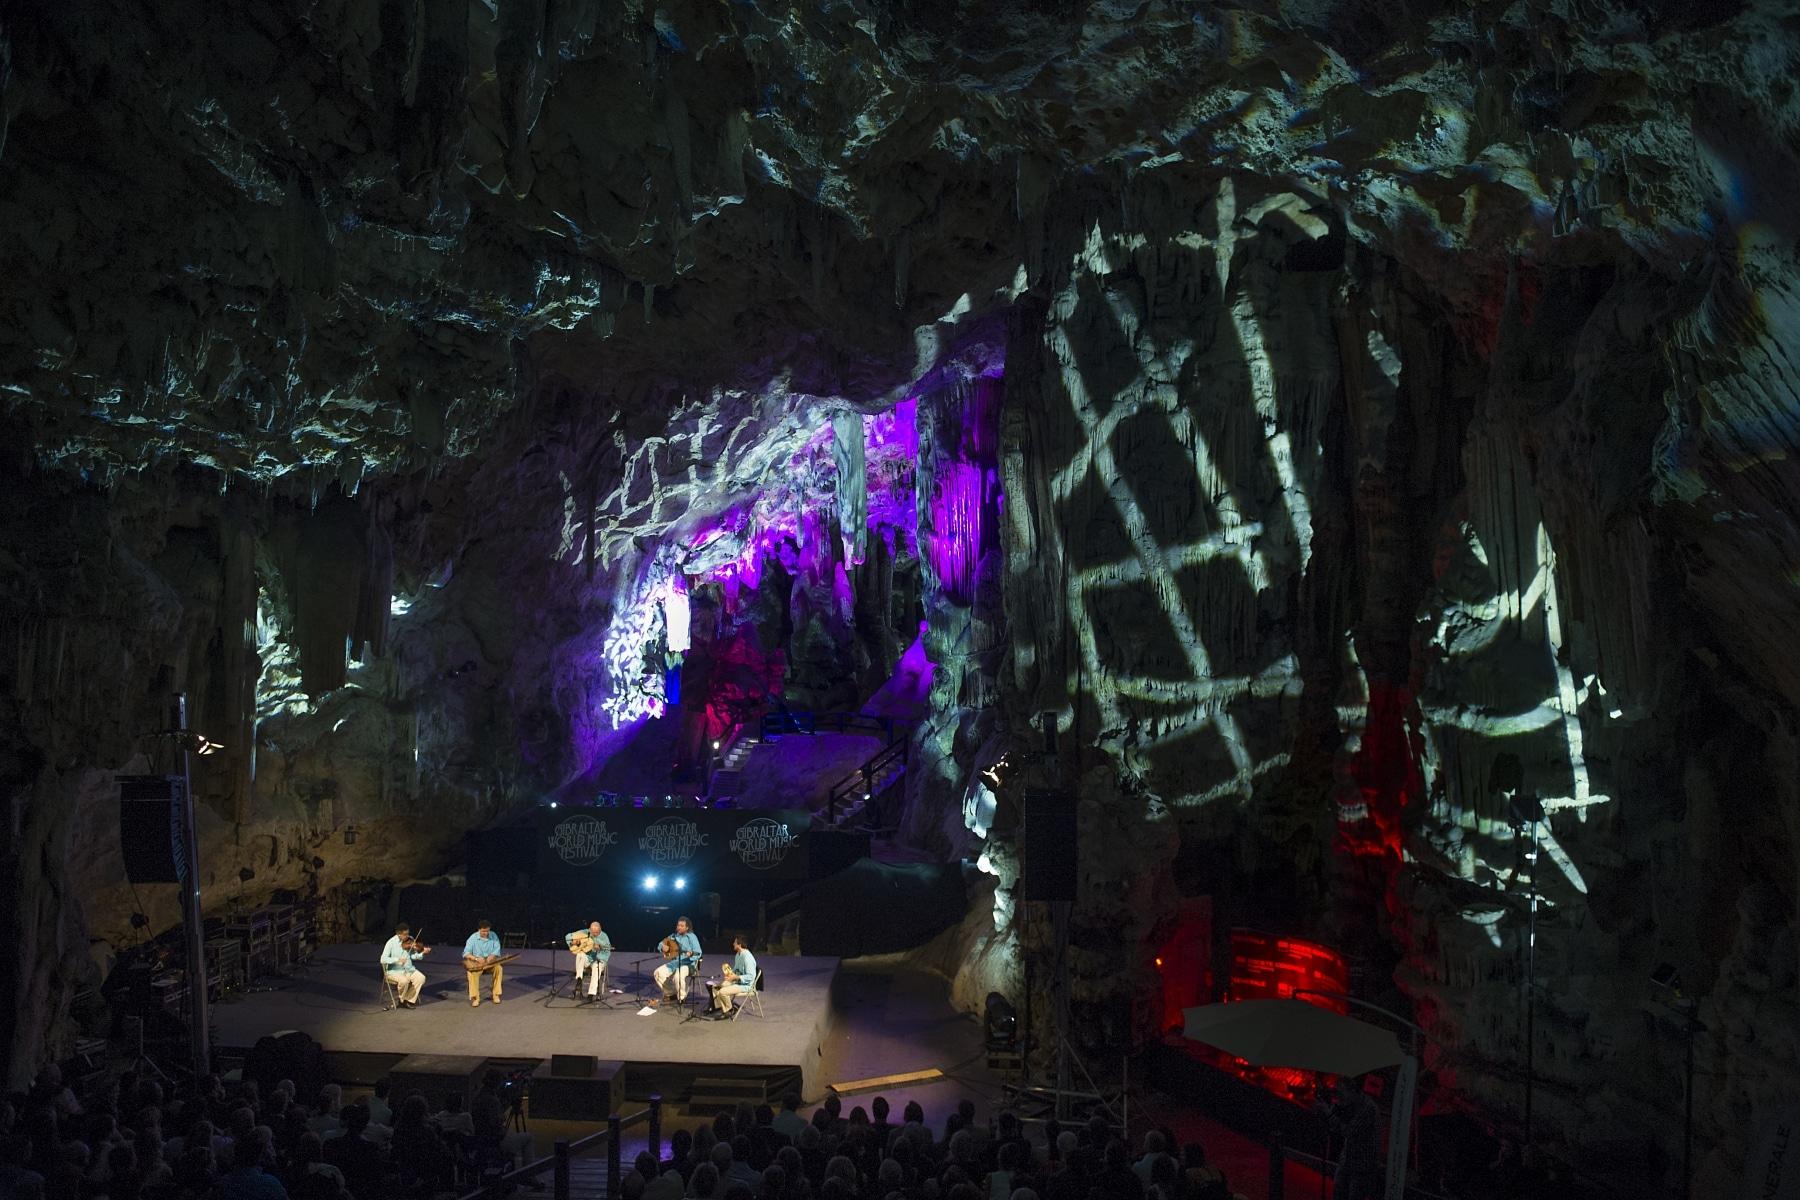 gibraltar-world-music-festival-dia-1-en-chordais-08_9222660985_o